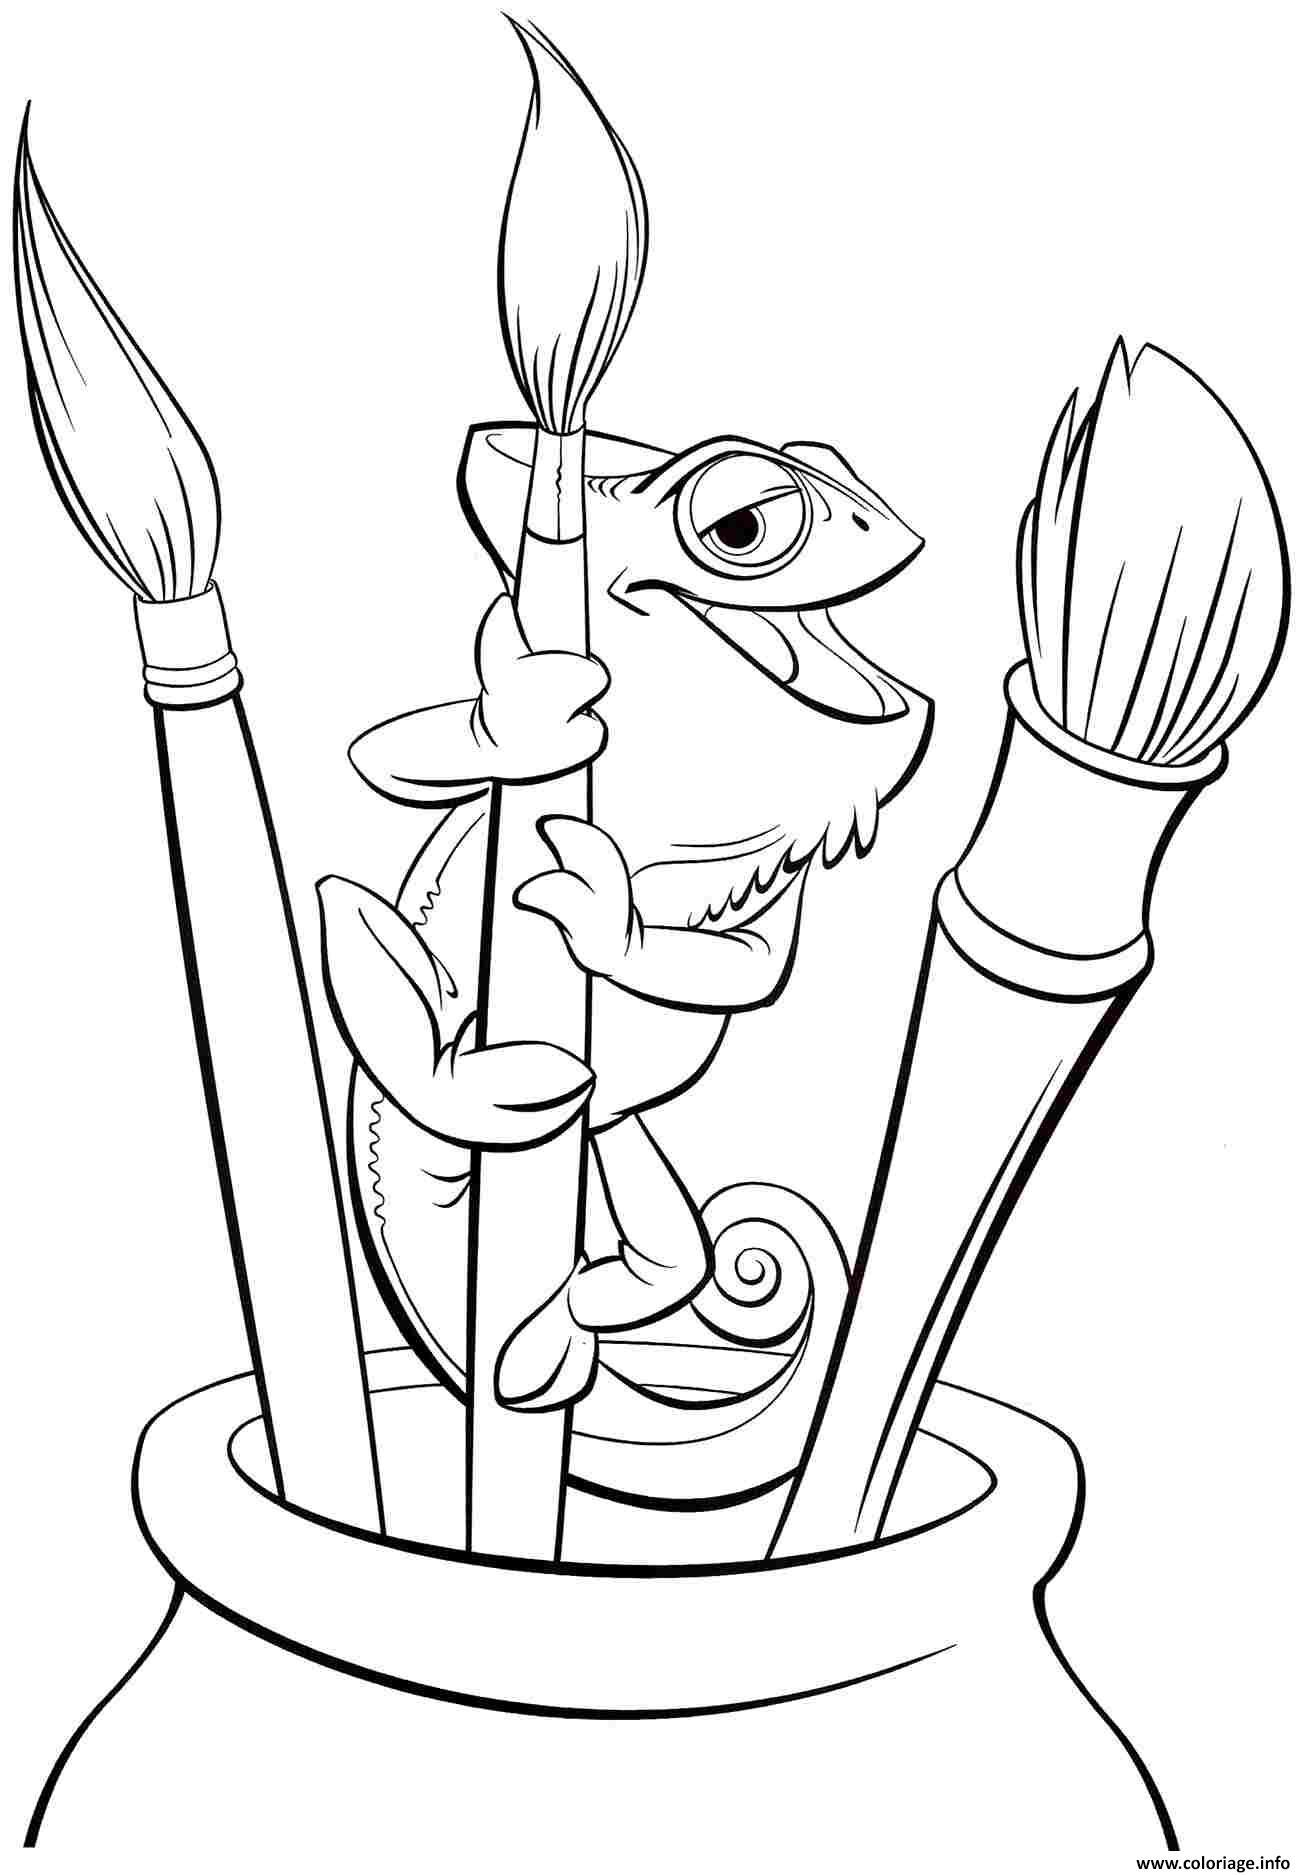 Coloriage raiponce pascal aime la peinture dessin - Dessin a colorier raiponce ...